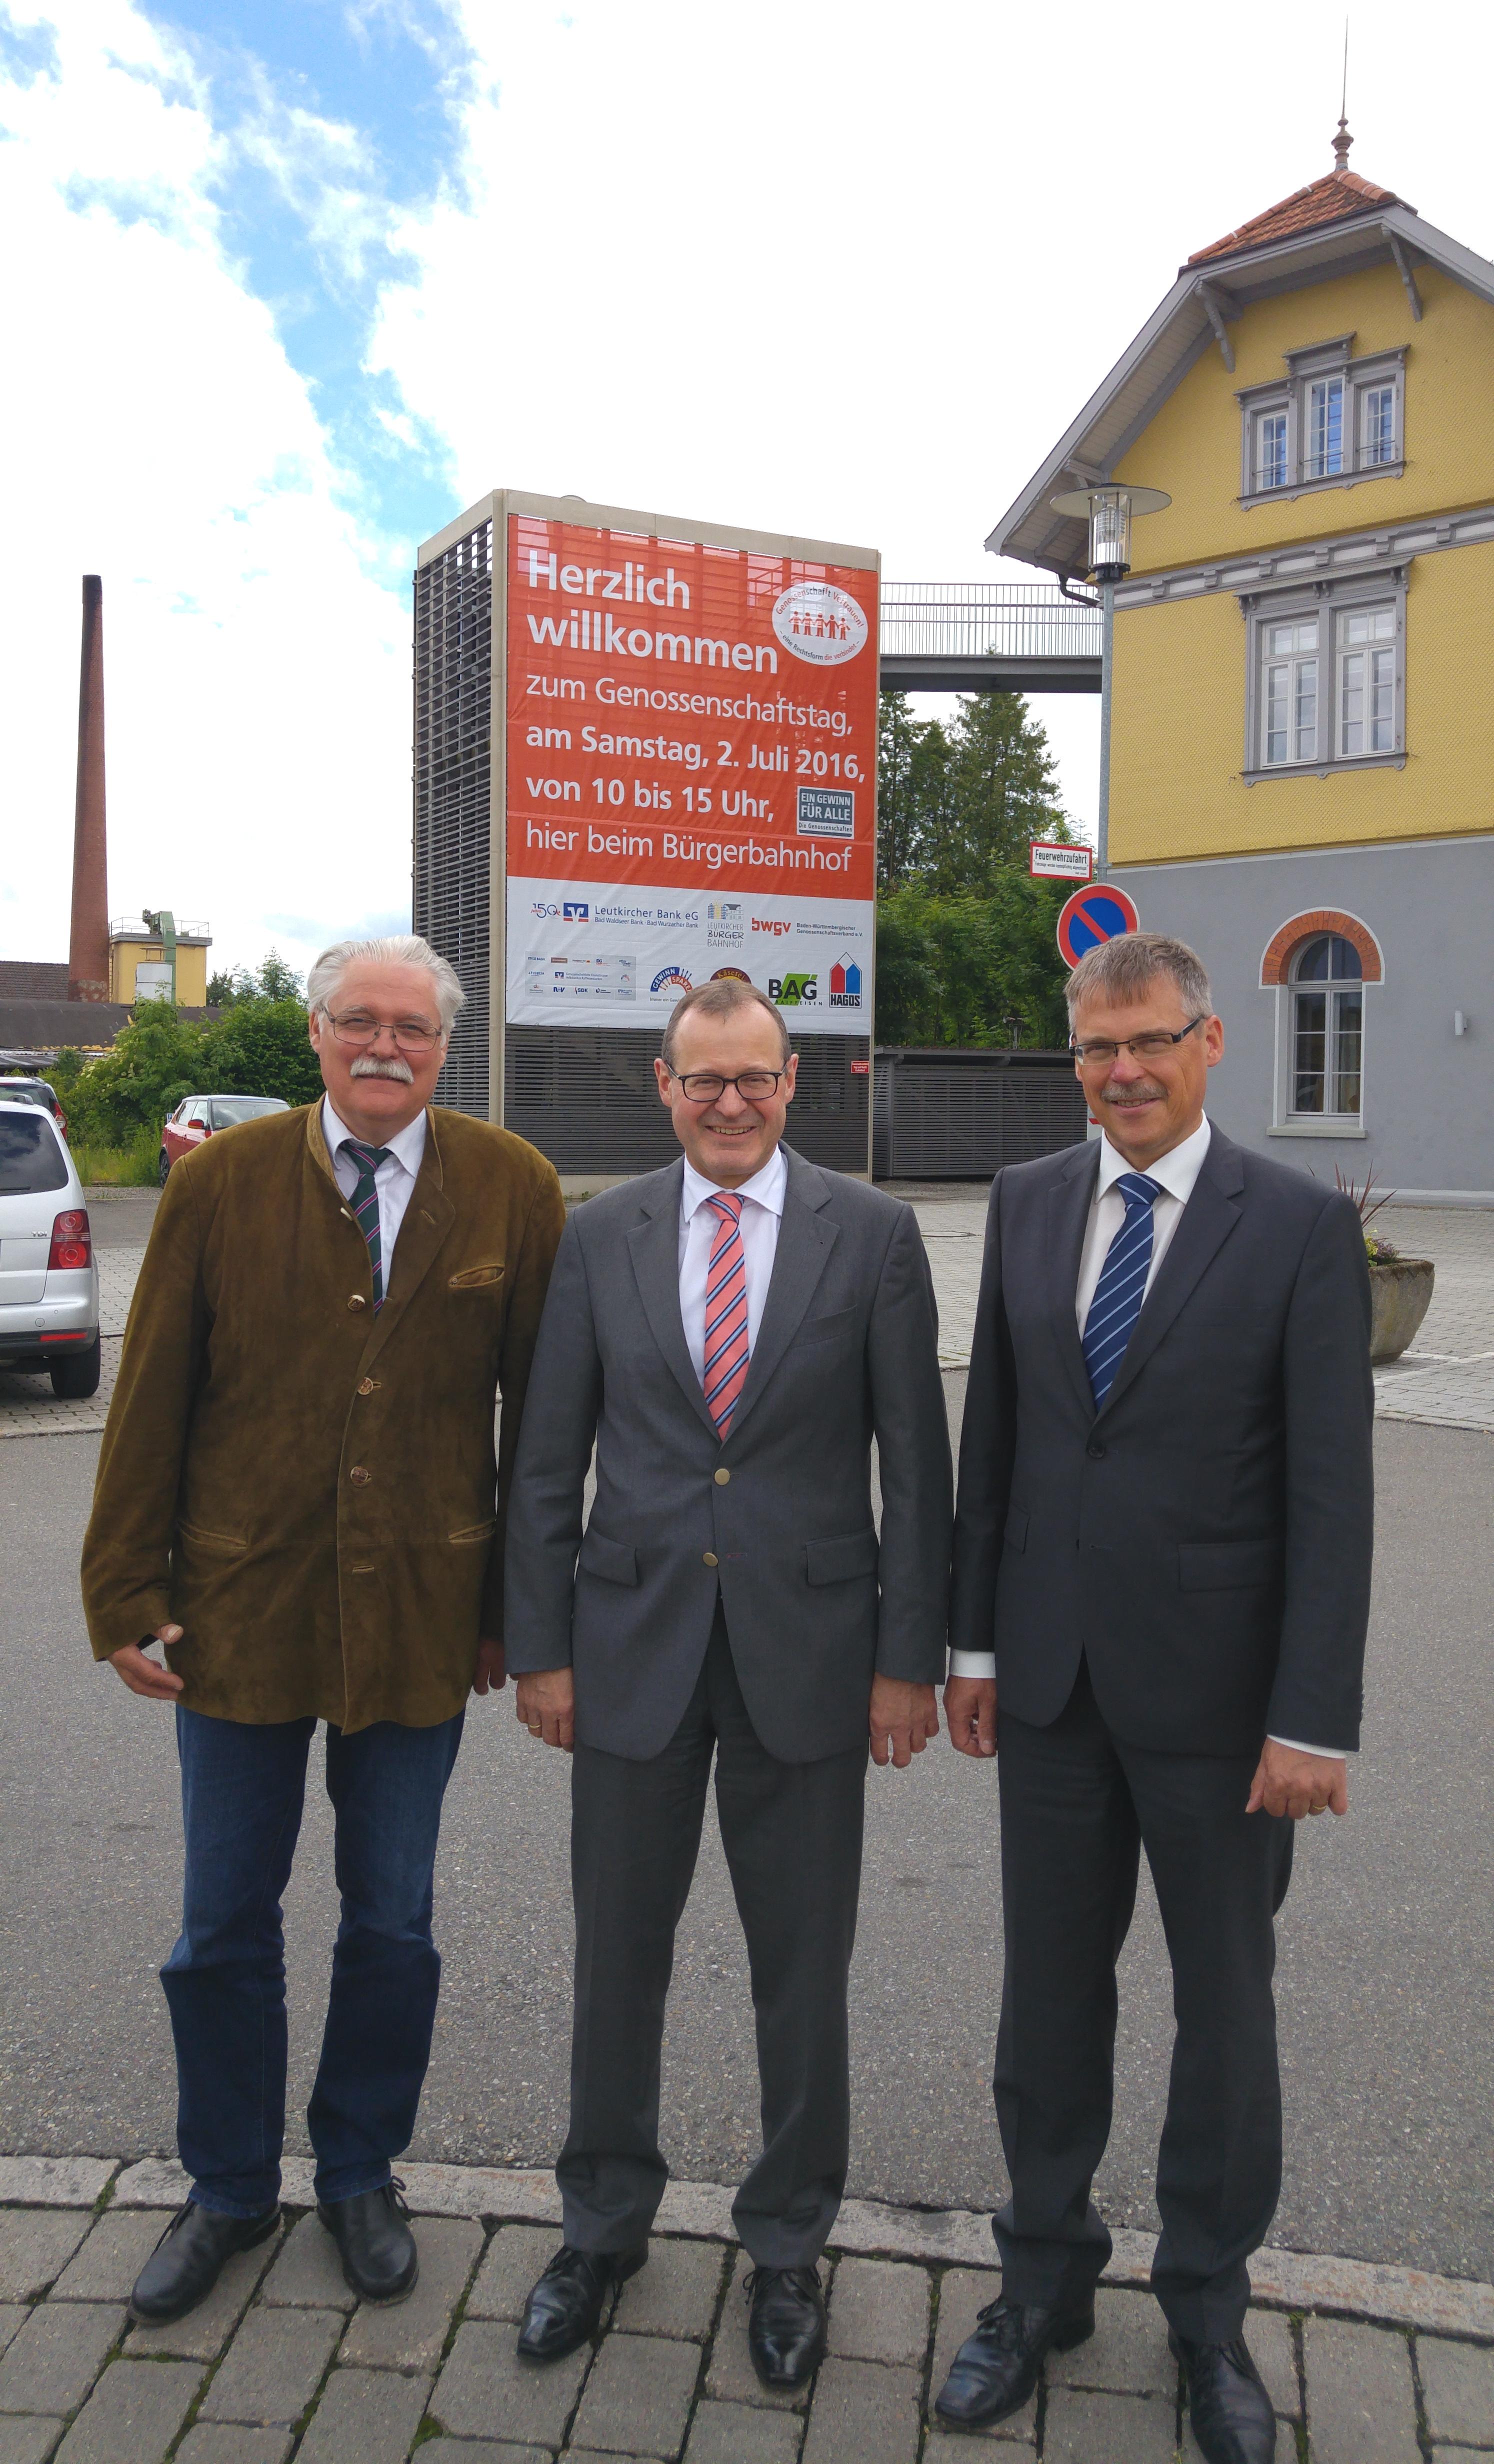 10 Genossenschaftstag In Leutkirch Potenzial In Der Kommunal Und Gesundheitswirtschaft Bwgv